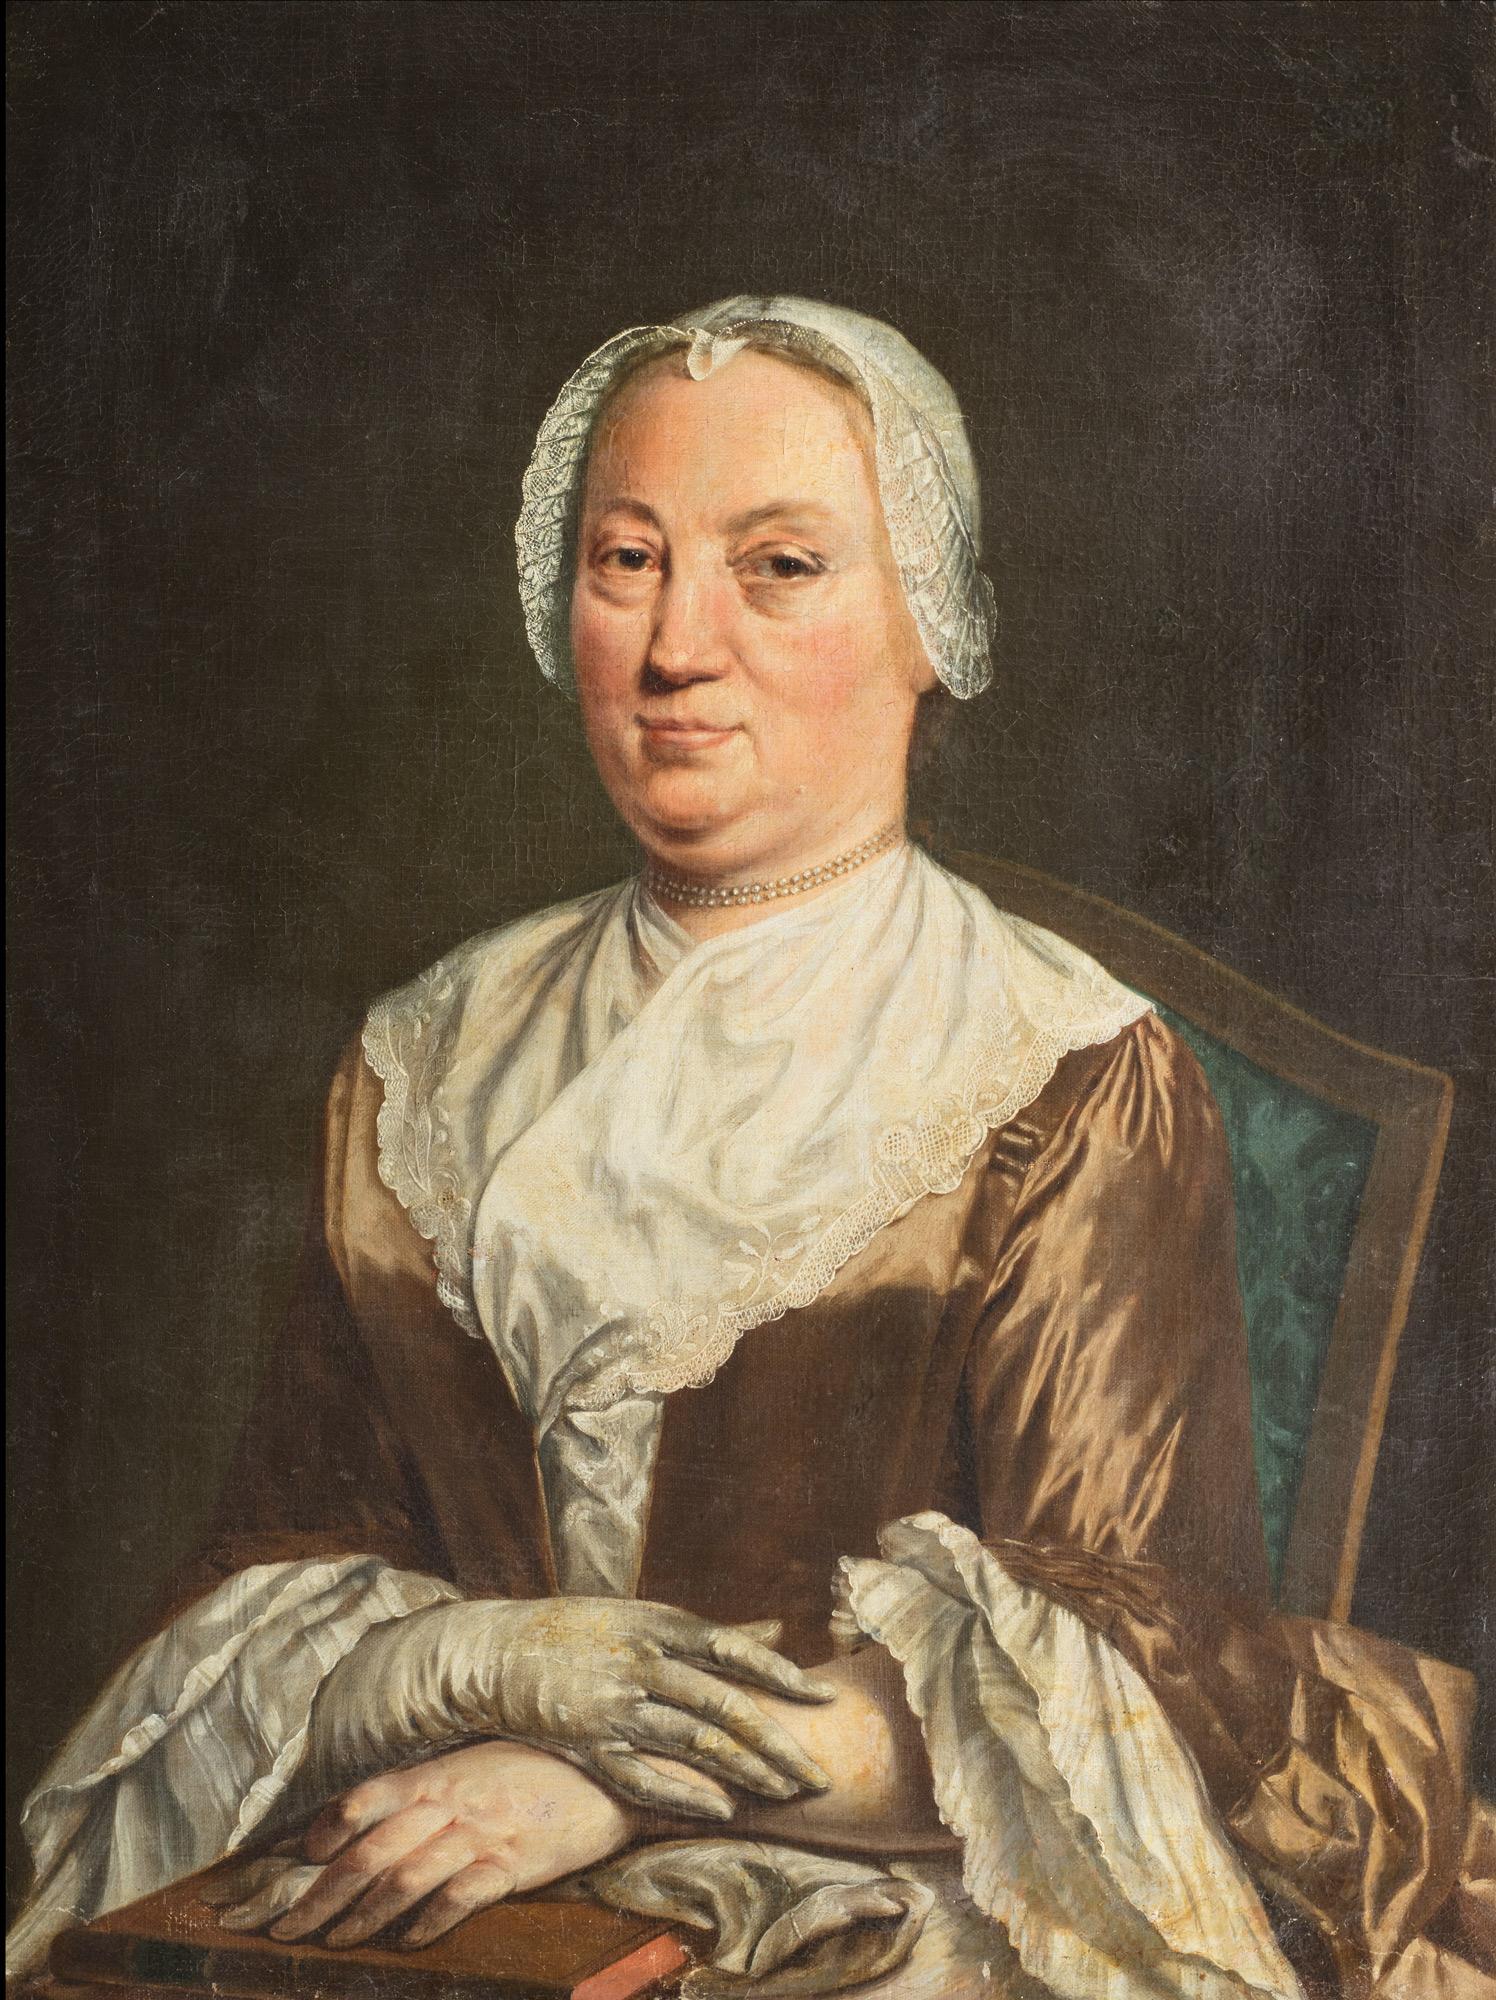 Ritratto di dama, mezzo busto, con cuffia di pizzo bianco e collana di perle